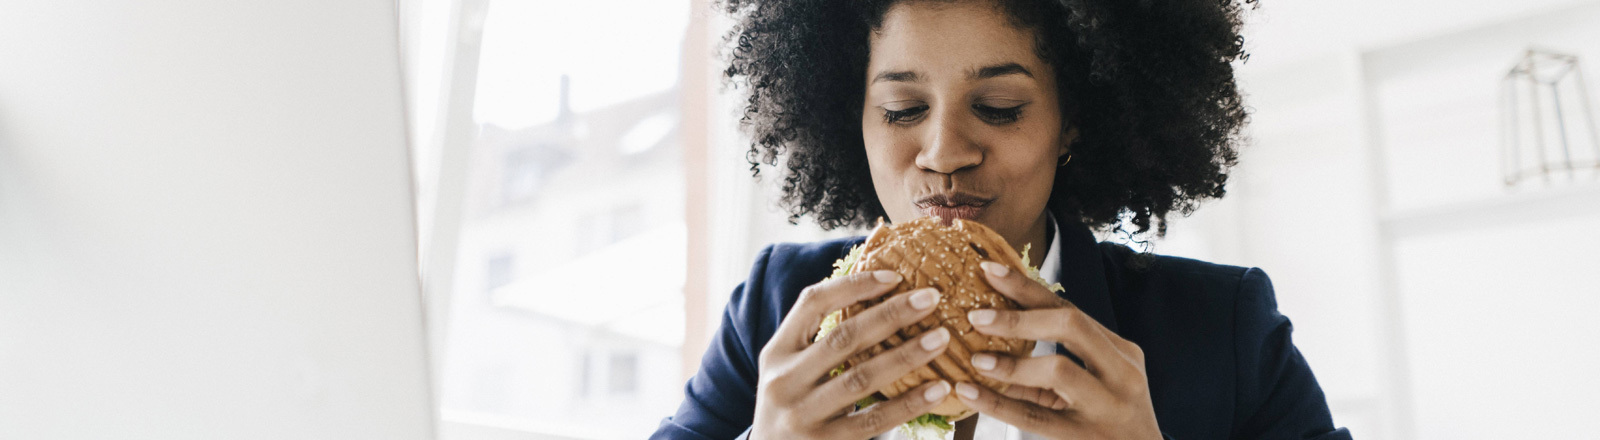 Eine Frau isst einen Burger.